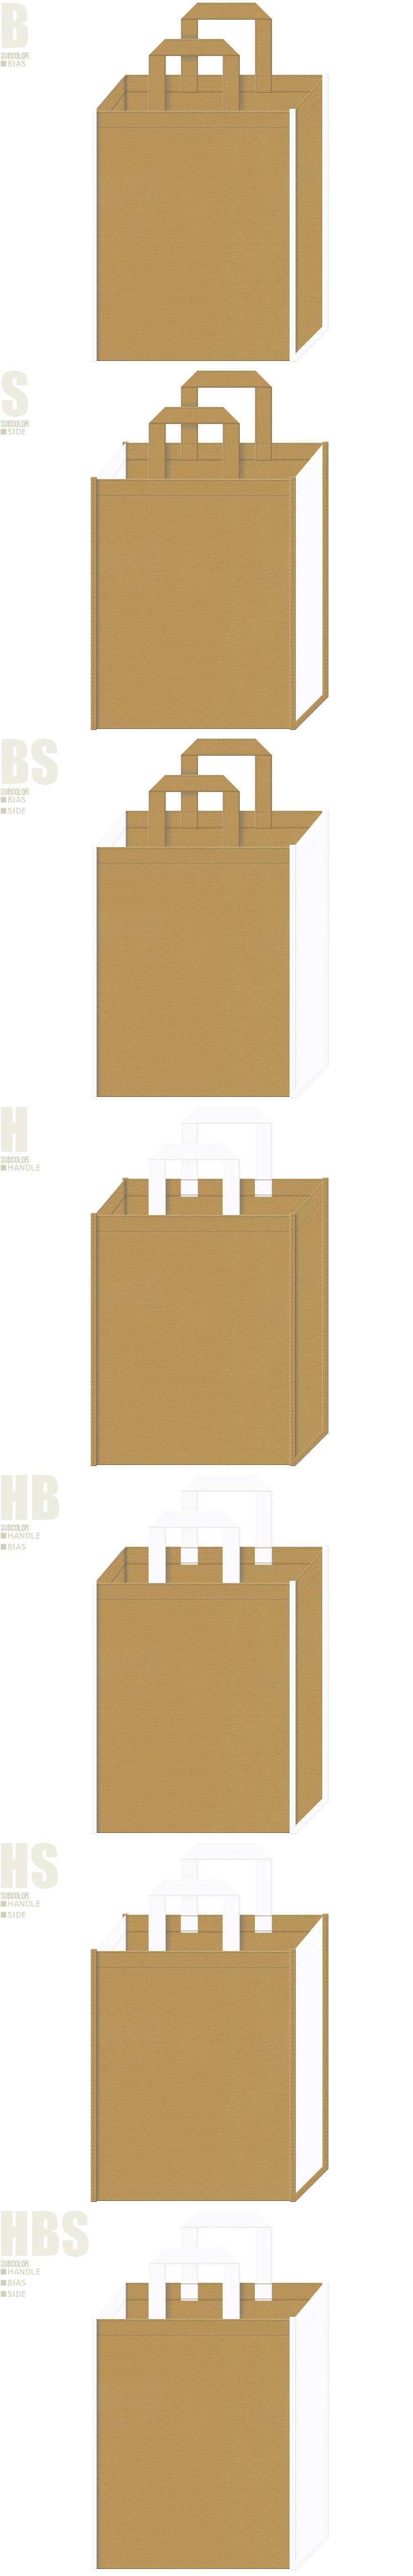 不織布バッグのデザイン:金黄土色と白色の配色7パターン